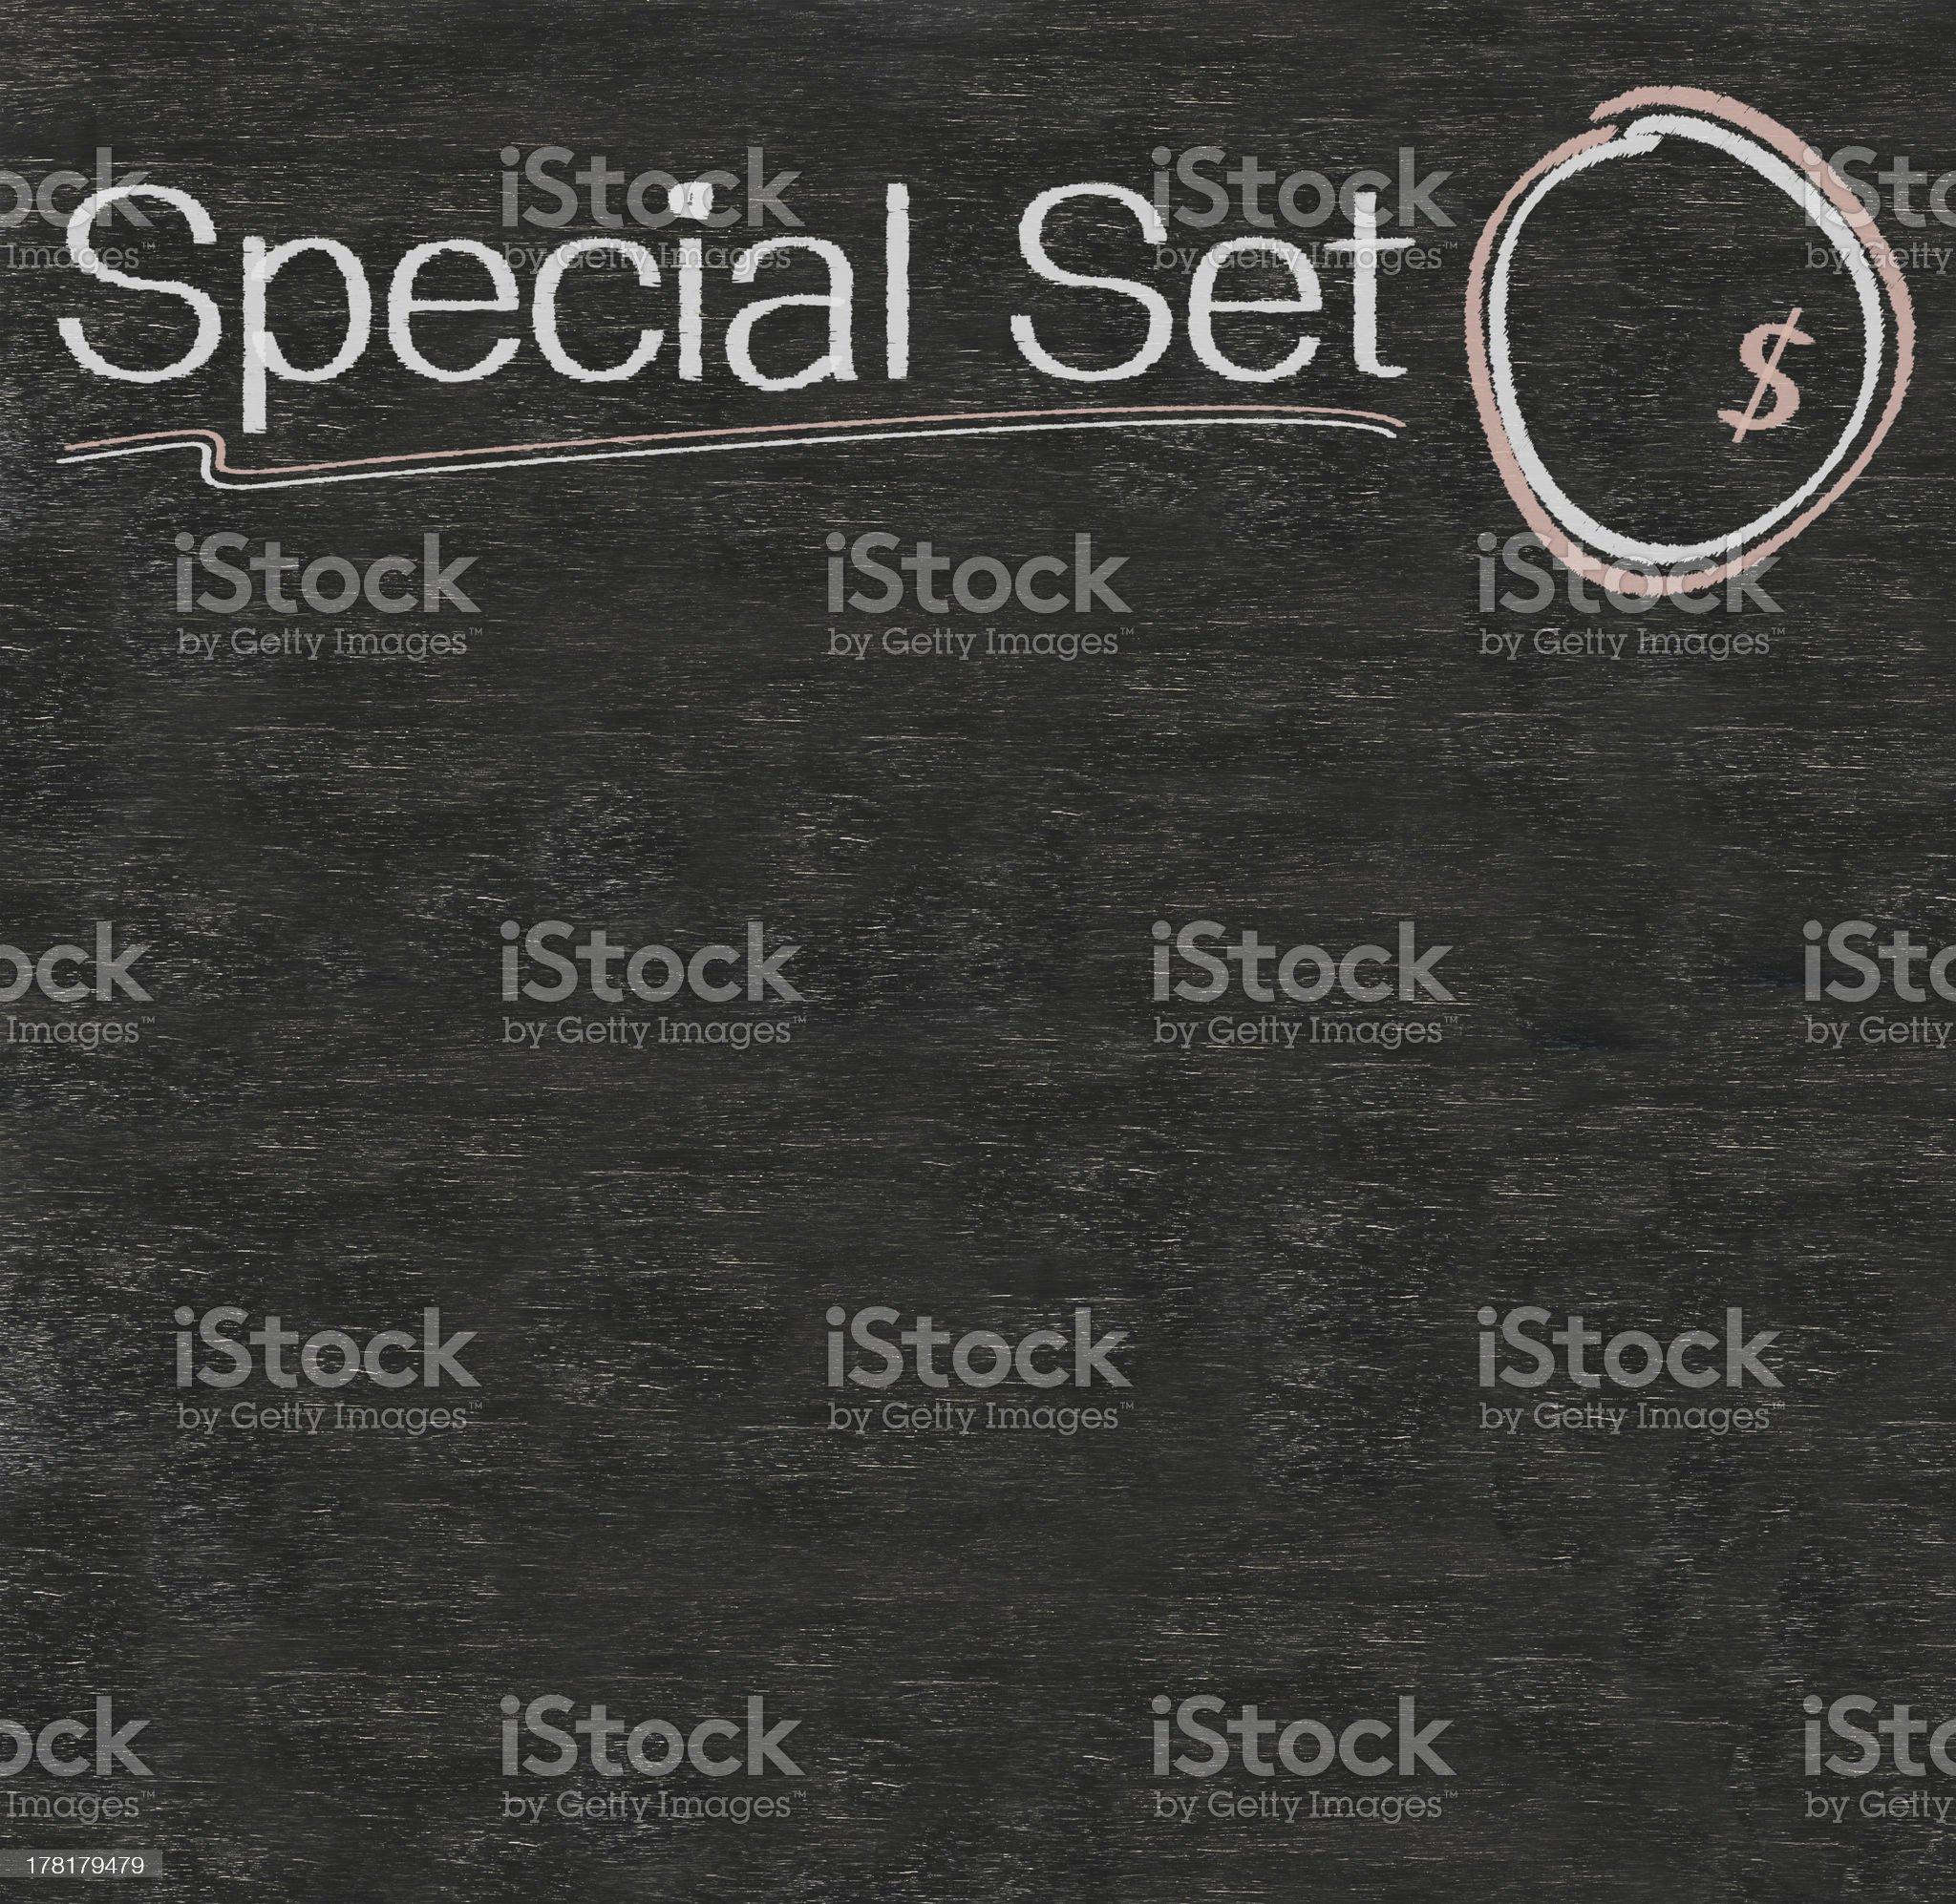 special set written on blackboard royalty-free stock photo